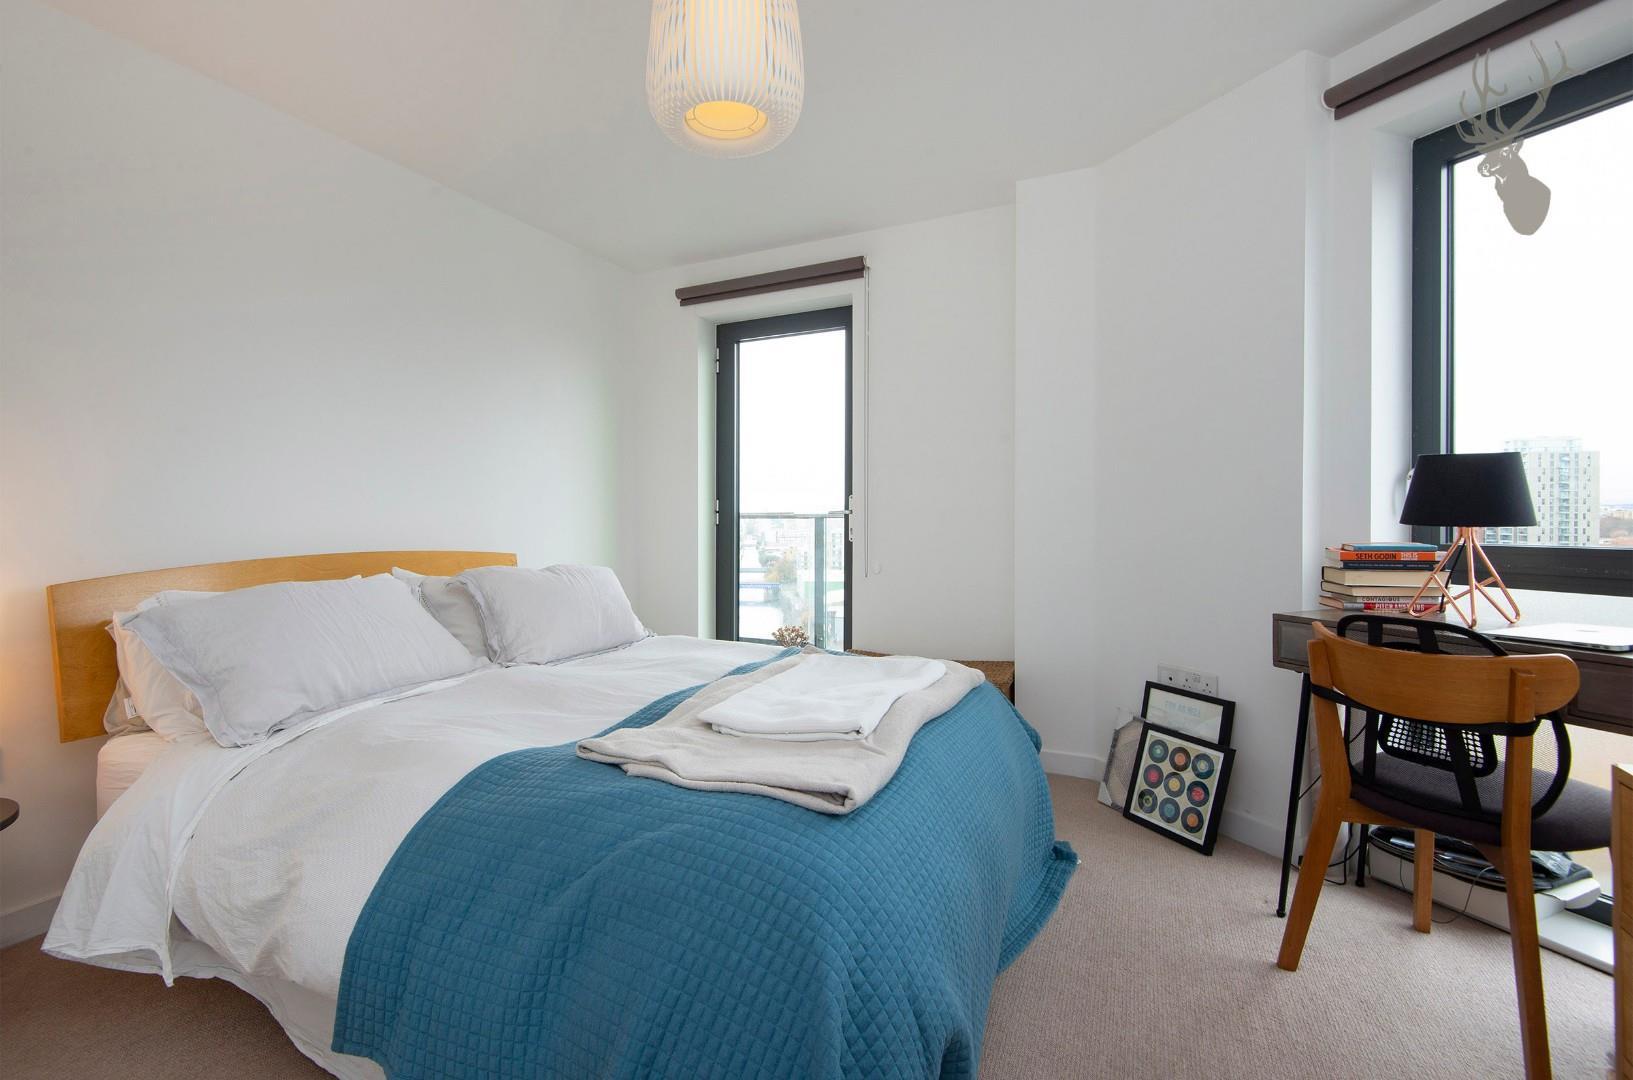 57 Yeoman Court E14 BEDROOM 1 img 1.jpg